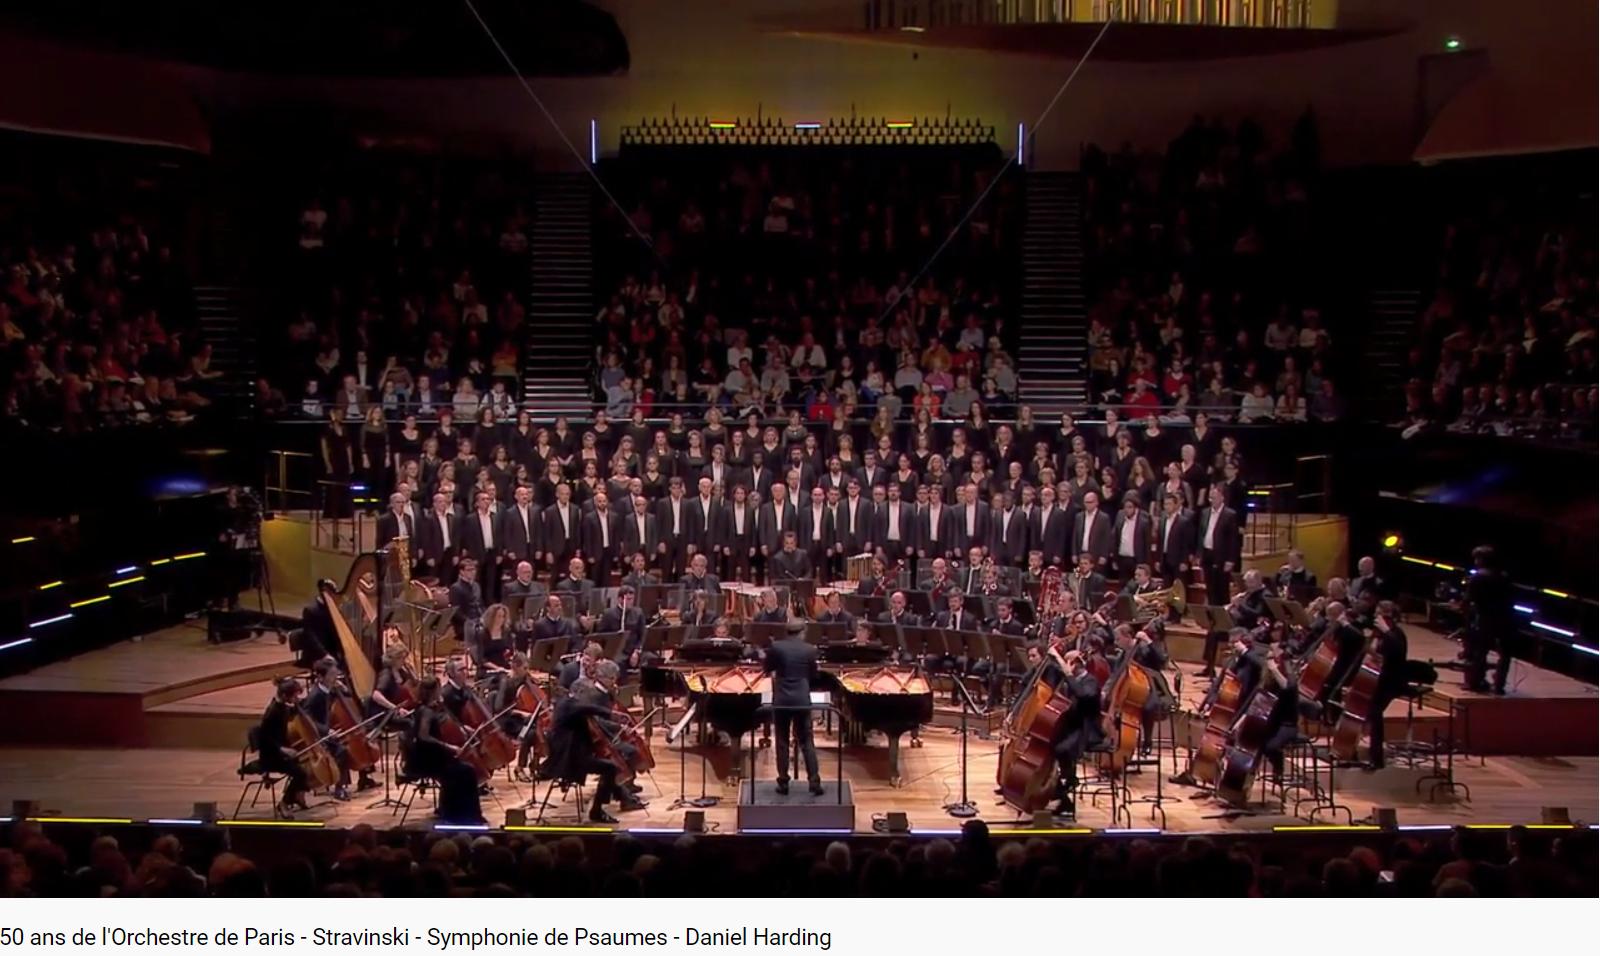 Stravinsky Symphonie de Psaumes